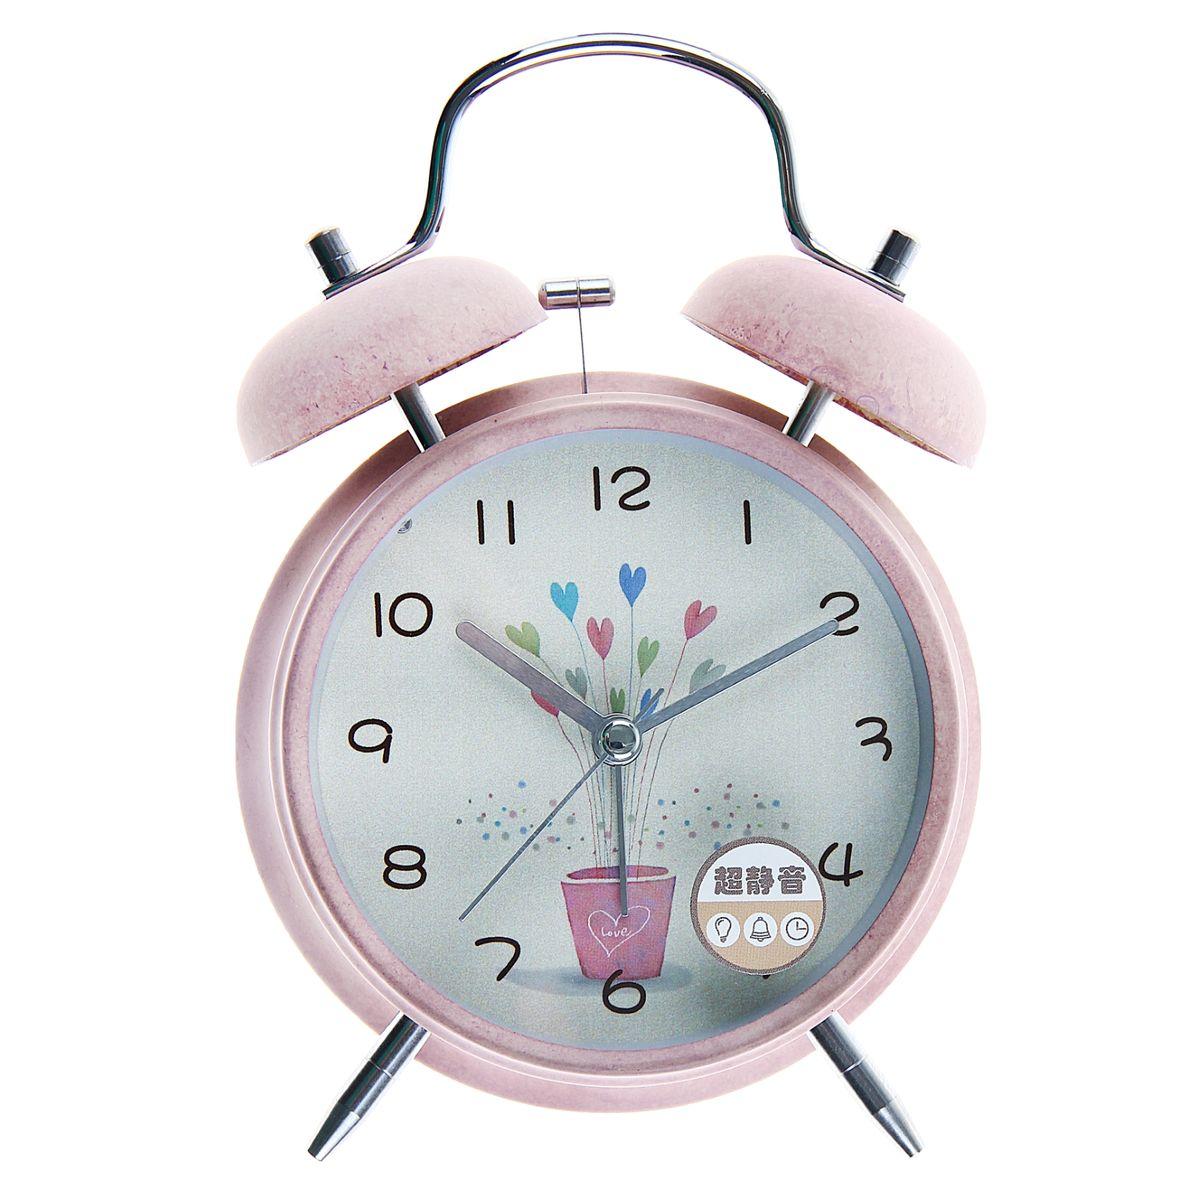 будильник d=11,5см 2 звоночка на циферблате Букет из сердечек, розовые 10564291056429Металл, стекло, пластик, от батареек НЕ в к-те